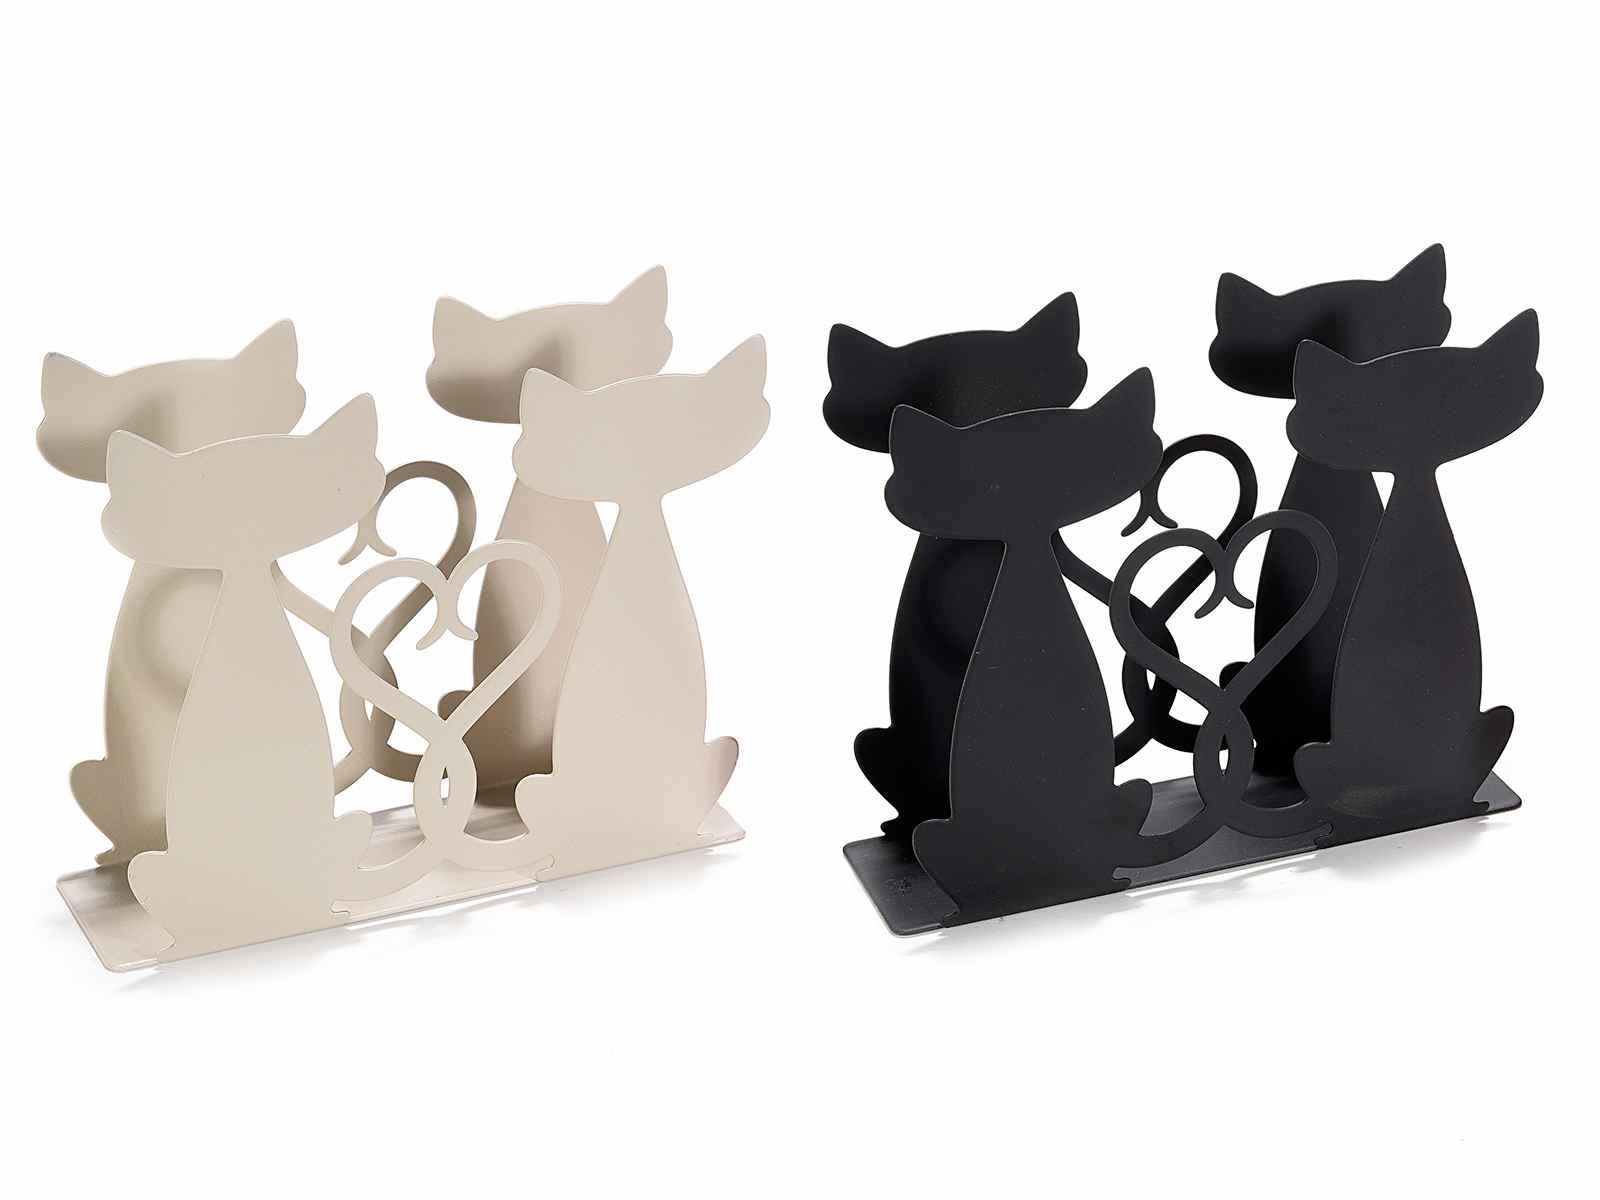 Portatovaglioli in metallo opaco con due gattini (520373)